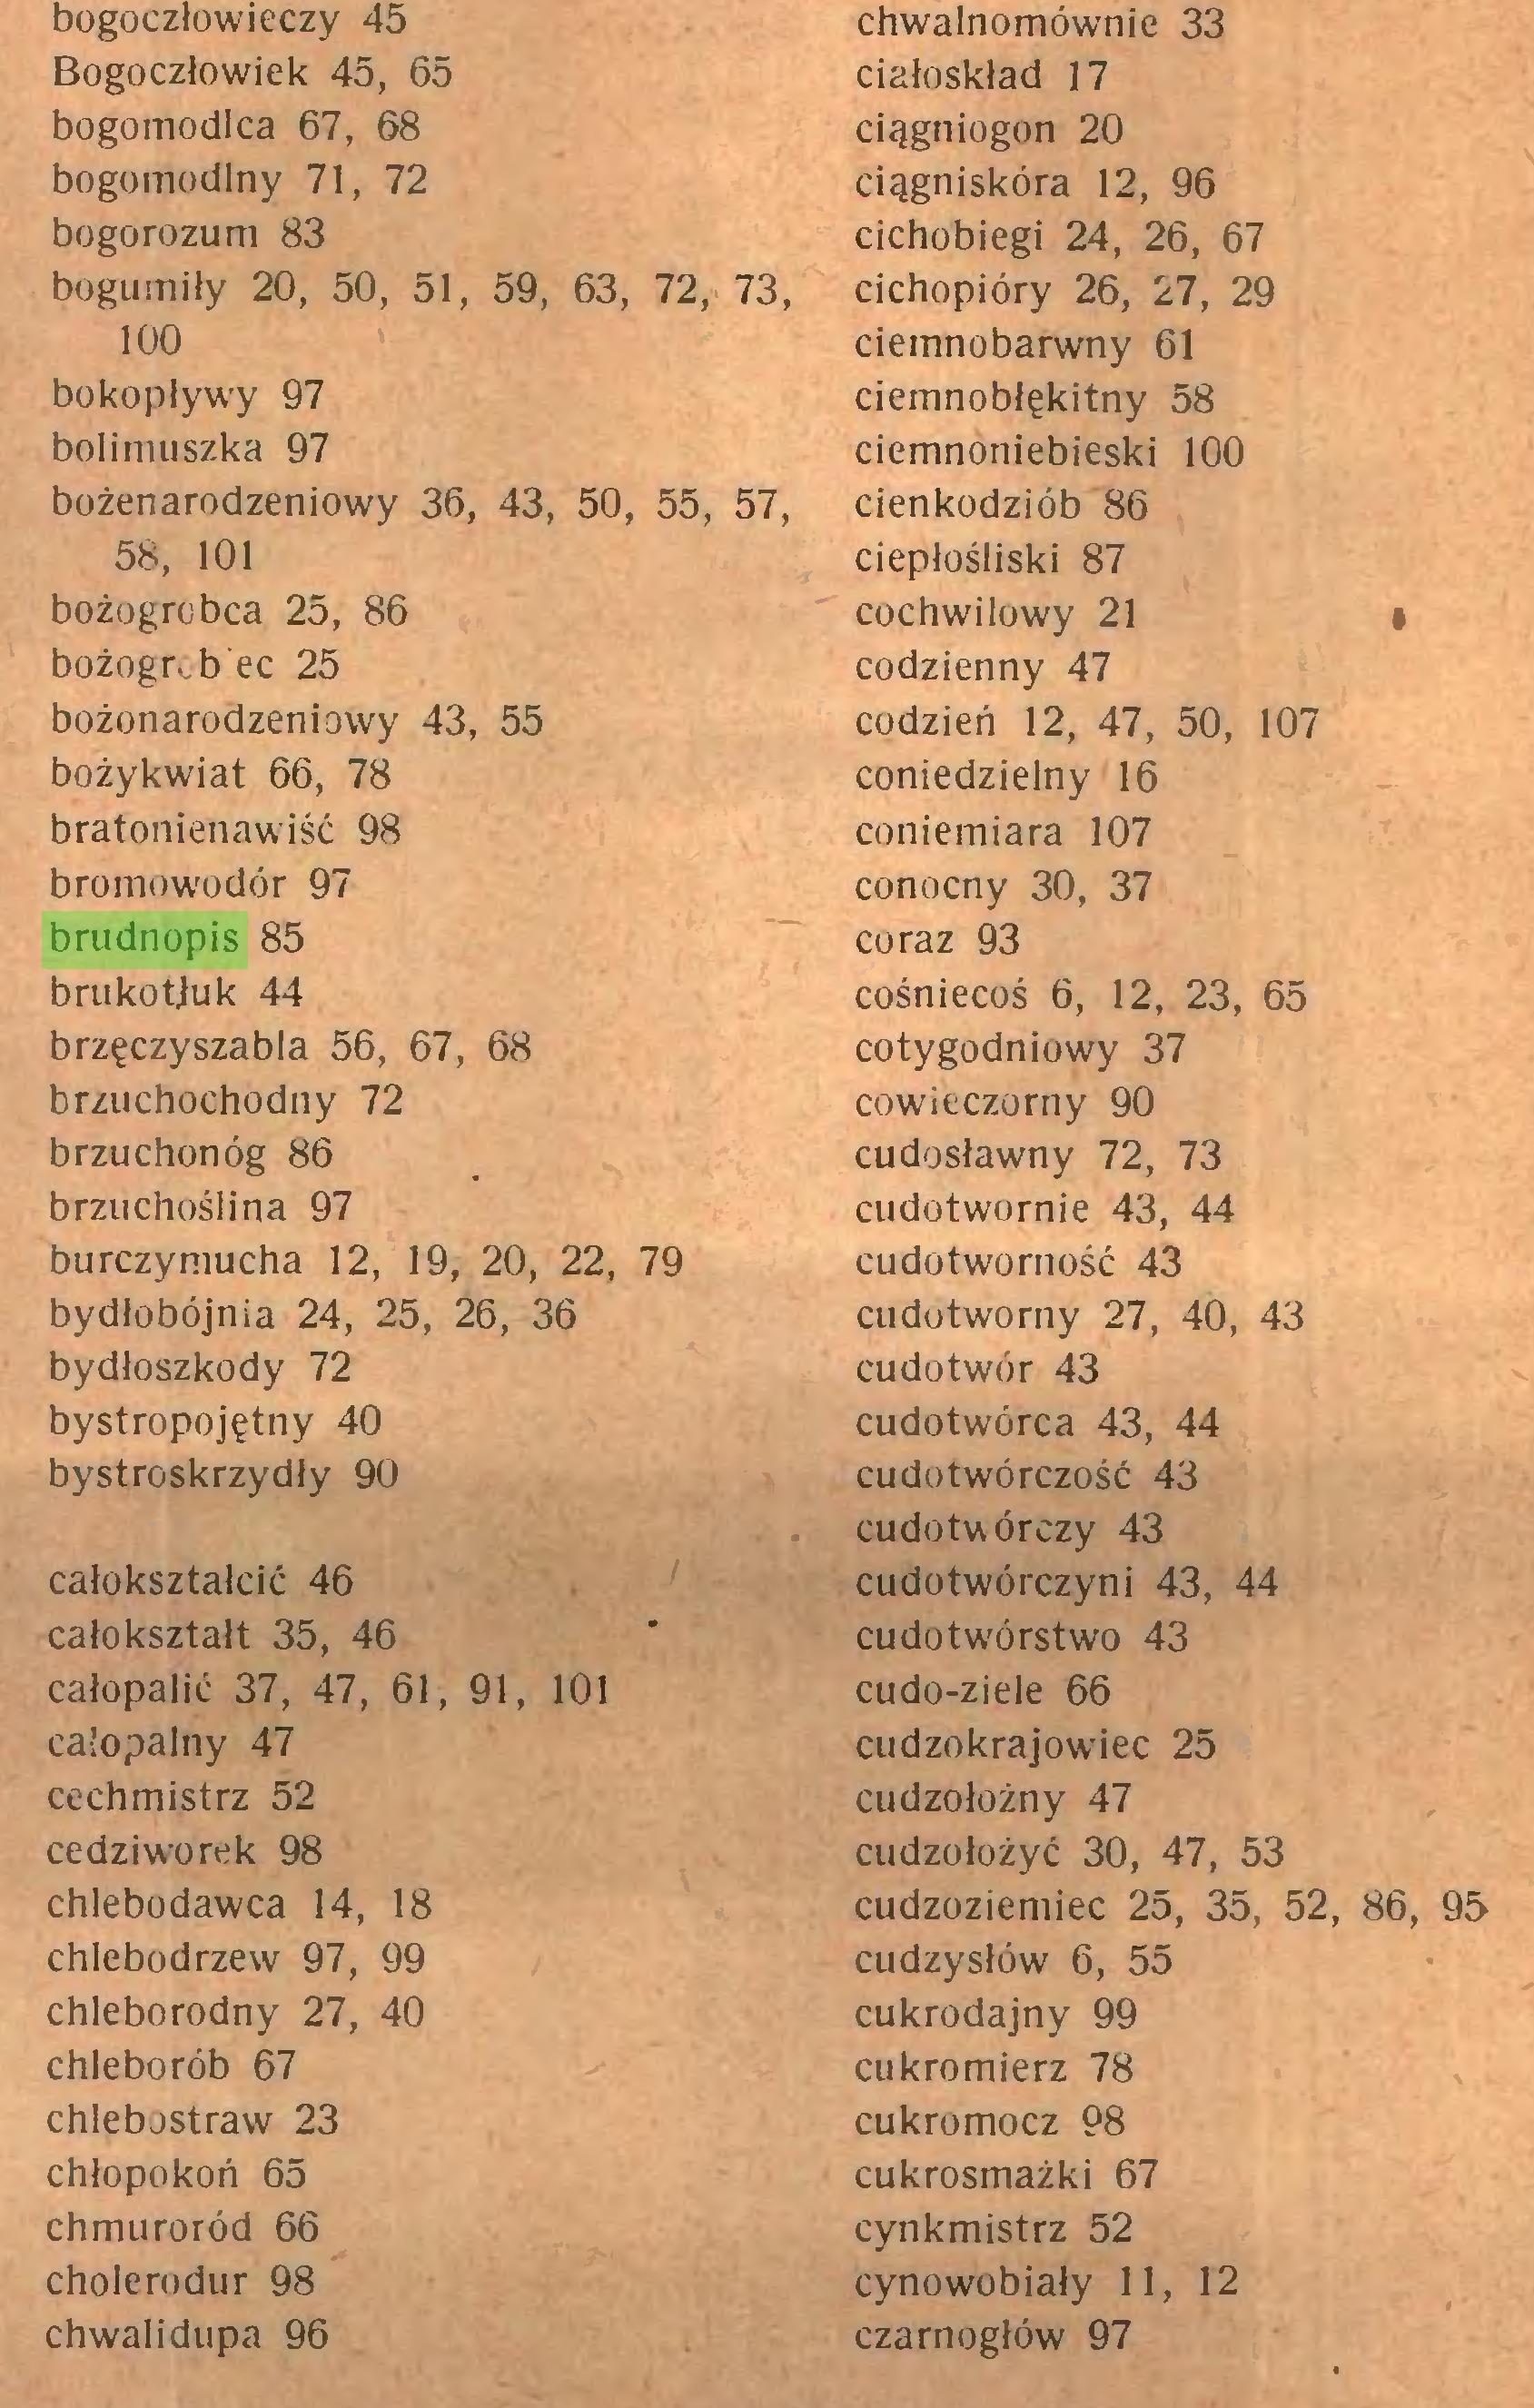 (...) bożogr. b ec 25 bożonarodzeniowy 43, 55 bożykwiat 66, 78 bratonienawiść 98 bromowodór 97 brudnopis 85 brukotjuk 44 brzęczyszabla 56, 67, 68 brzuchochodny 72 brzuchonóg 86 brzuchoślina 97 burczymucha 12, 19, 20, 22, 79 bydłobójnia 24, 25, 26, 36 bydłoszkody 72 bystropojętny 40 bystroskrzydły 90 całokształcie 46 całokształt 35, 46 całopalić 37, 47, 61, 91, 101 całopalny 47 cechmistrz 52 cedziworek 98 chlebodawca 14, 18 chlebodrzew 97, 99 chleborodny 27, 40 chleborób 67 chlebostraw 23 chłopokoń 65 chmuroród 66 cholerodur 98 chwalidupa 96 chwalnomównie 33 ciałoskład 17 ciągniogon 20 ciągniskóra 12, 96 cichobiegi 24, 26, 67 cichopióry 26, 27, 29 ciemnobarwny 61 ciemnobłękitny 58 ciemnoniebieski 100 cienkodziób 86 ciepłośliski 87 cochwilowy 21 • codzienny 47 codzień 12, 47, 50, 107 coniedzielny 16 coniemiara 107 conocny 30, 37 coraz 93 cośniecoś 6, 12, 23, 65 cotygodniowy 37 cowieczorny 90 cudosławny 72, 73 cudotwornie 43, 44 cudotworność 43 cudotworny 27, 40, 43 cudotwór 43 cudotwórca 43, 44 cudotwórczość 43 cudotwórczy 43 cudotwórczyni 43, 44 cudotwórstwo 43 cudo-ziele 66 cudzokrajowiec 25 cudzołożny 47 cudzołożyć 30, 47, 53 cudzoziemiec 25, 35, 52, 86, 95 cudzysłów 6, 55 cukrodajny 99 cukromierz 78 cukromocz 98 cukrosmażki 67 cynkmistrz 52 cynowobiały 11, 12 czarnogłów 97...